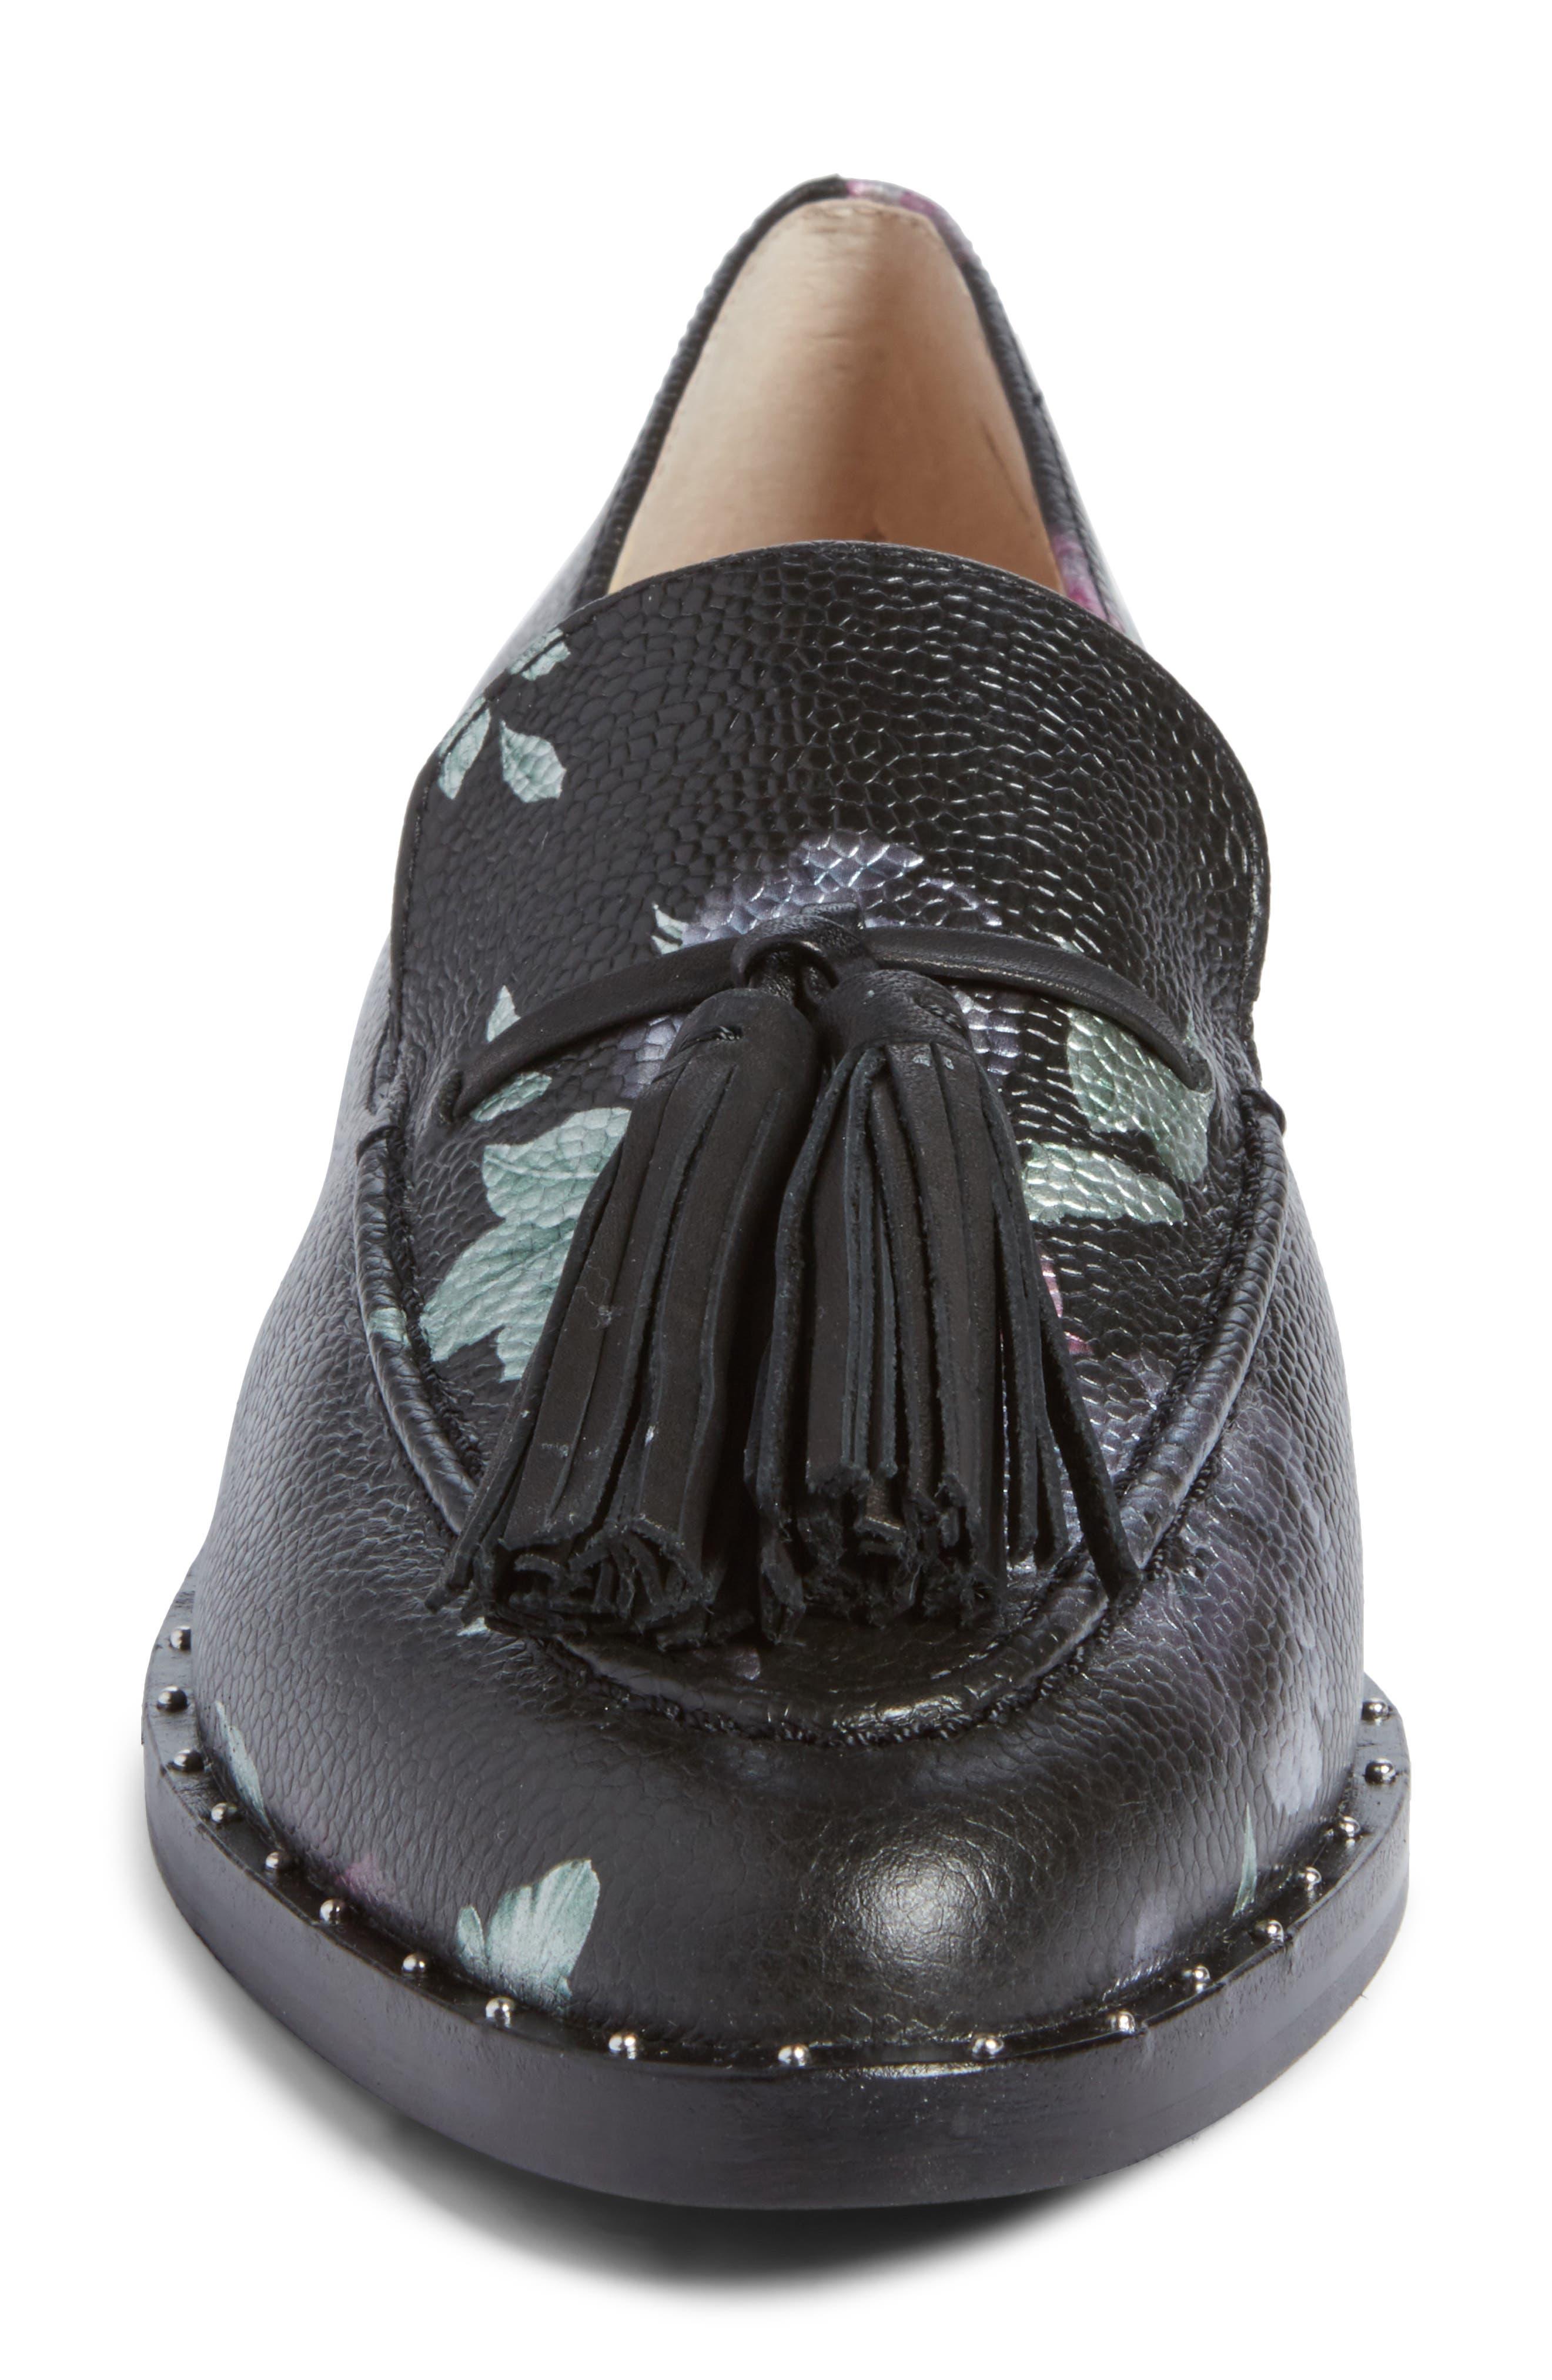 Geralin Tassel Loafer,                             Alternate thumbnail 4, color,                             Black Floral Print Leather